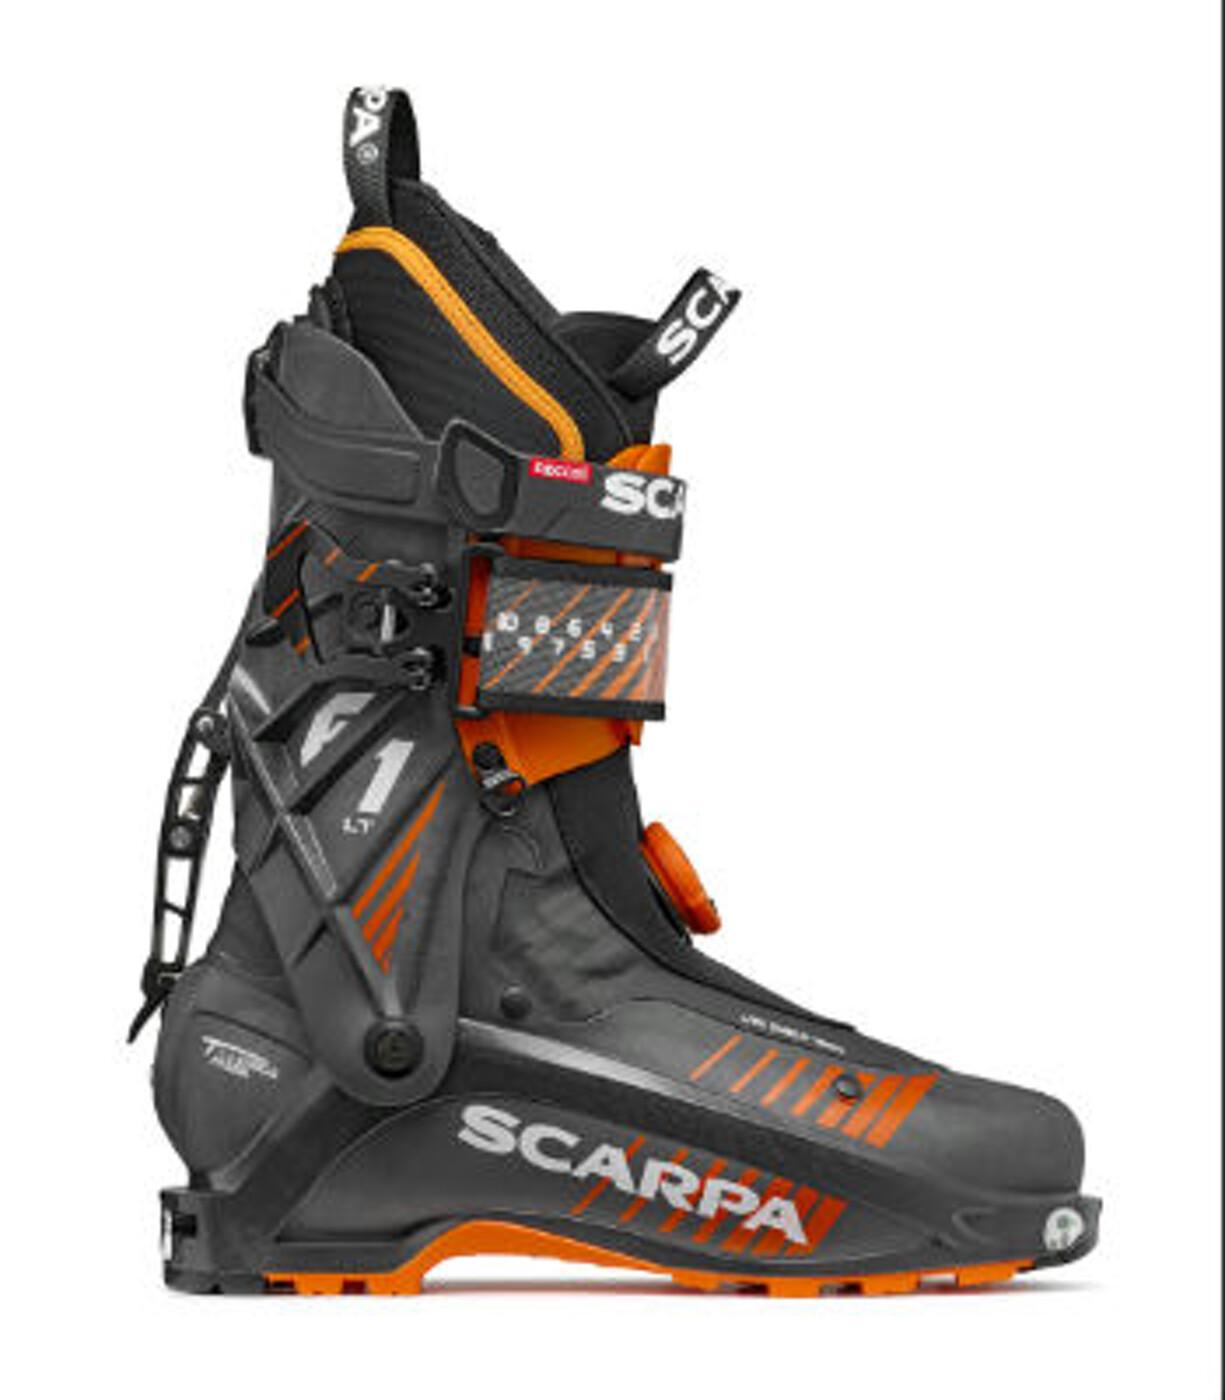 SCARPA F1 LT Skitourenschuh - Herren